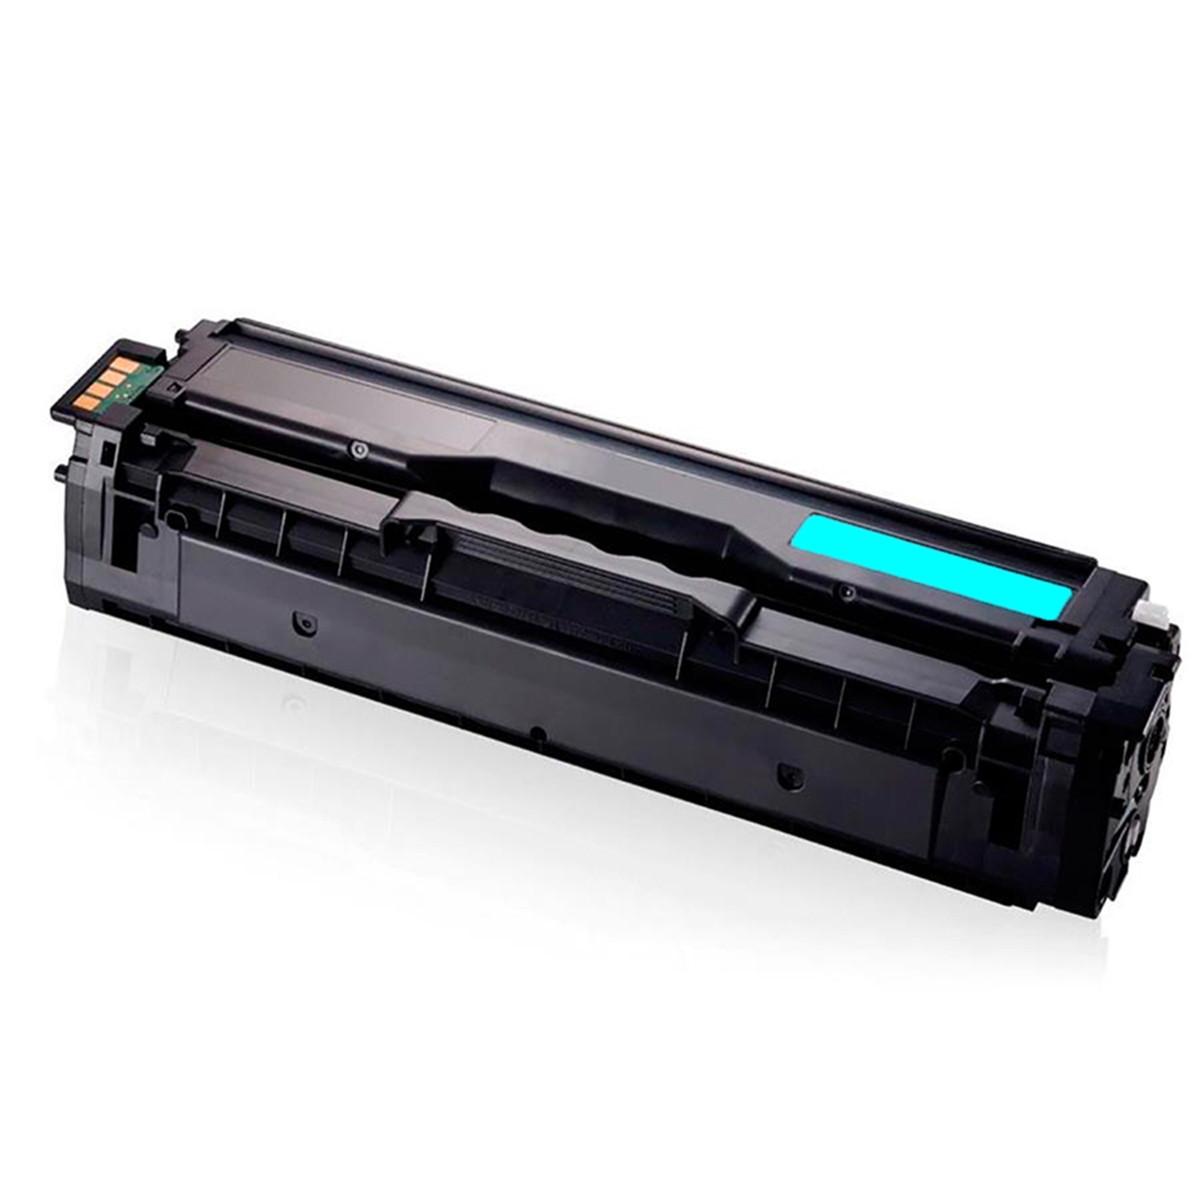 Toner Compatível com Samsung CLT-C504S 504S Ciano | CLP415NW CLX4195FN SL-C1810W | Importado 1.8k